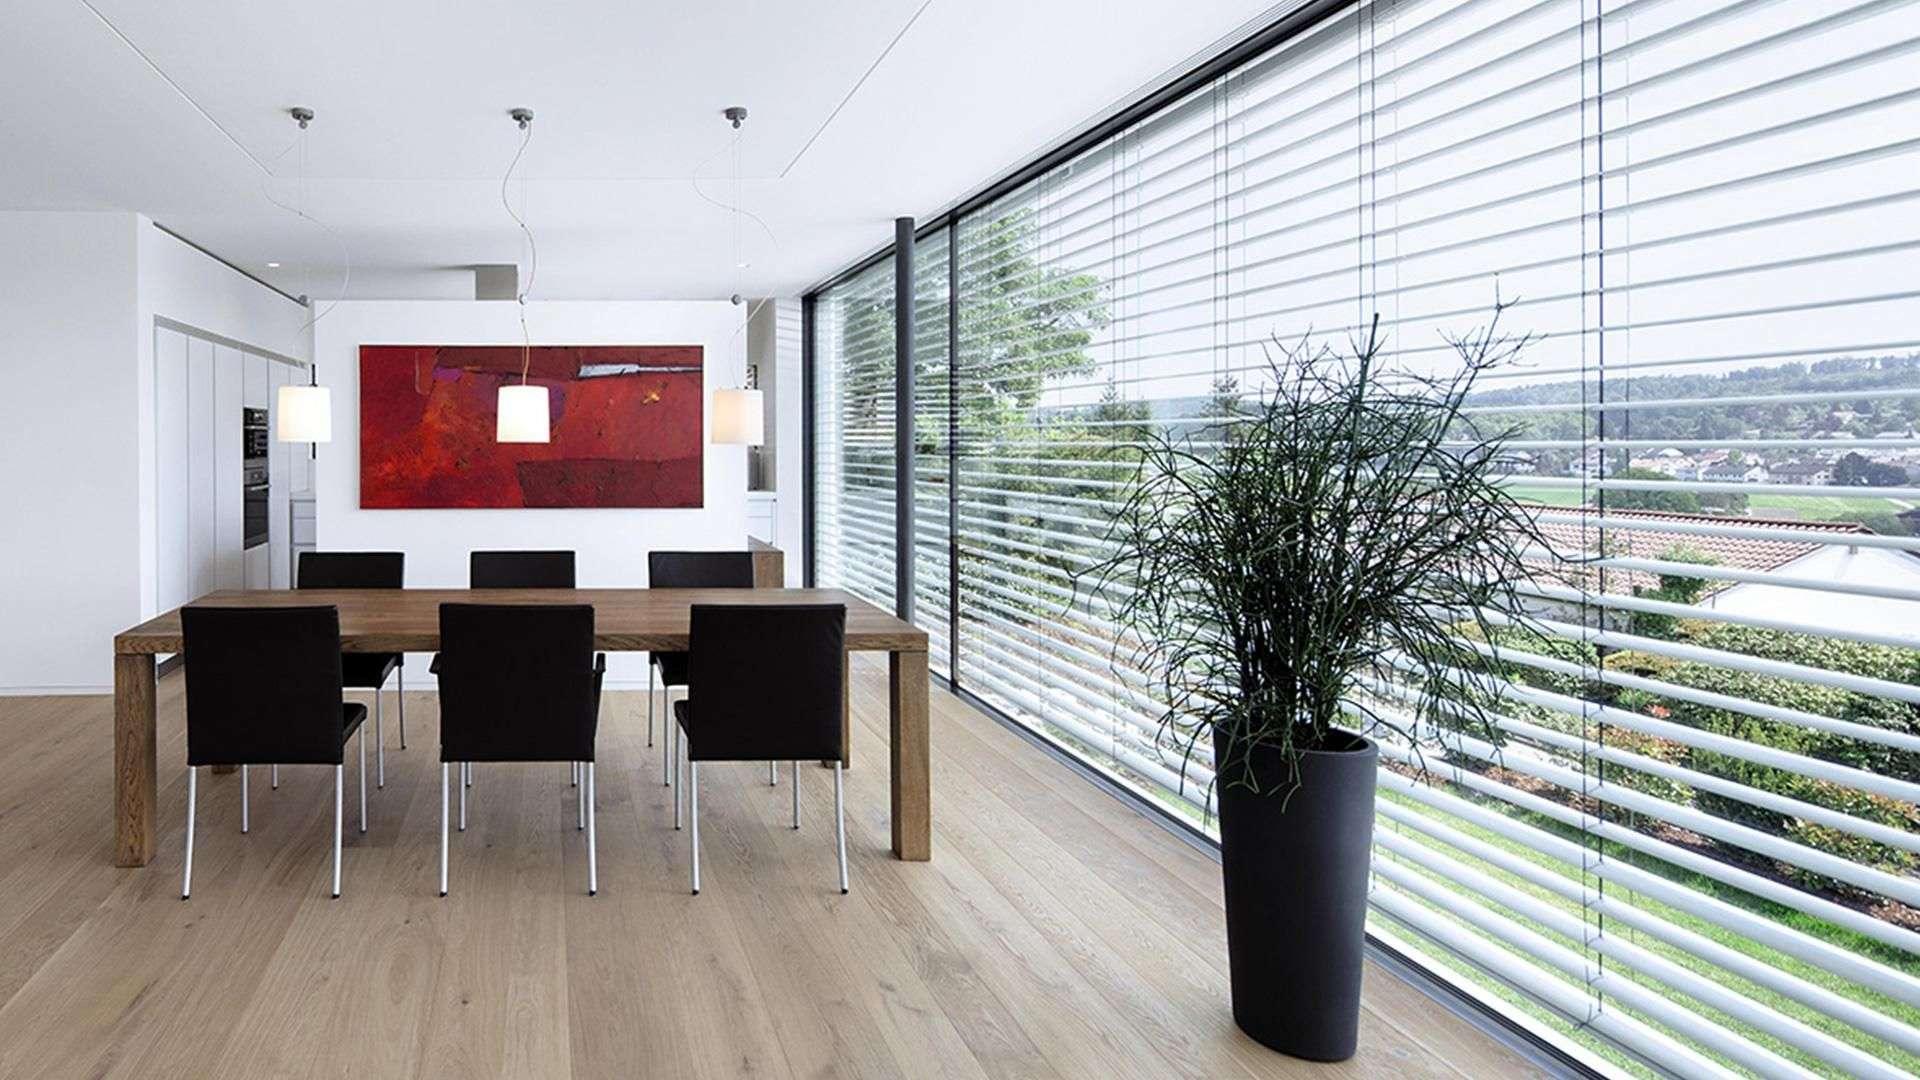 Esszimmer mit langer Glasfront mit Sonnenschutz-Rollo davor